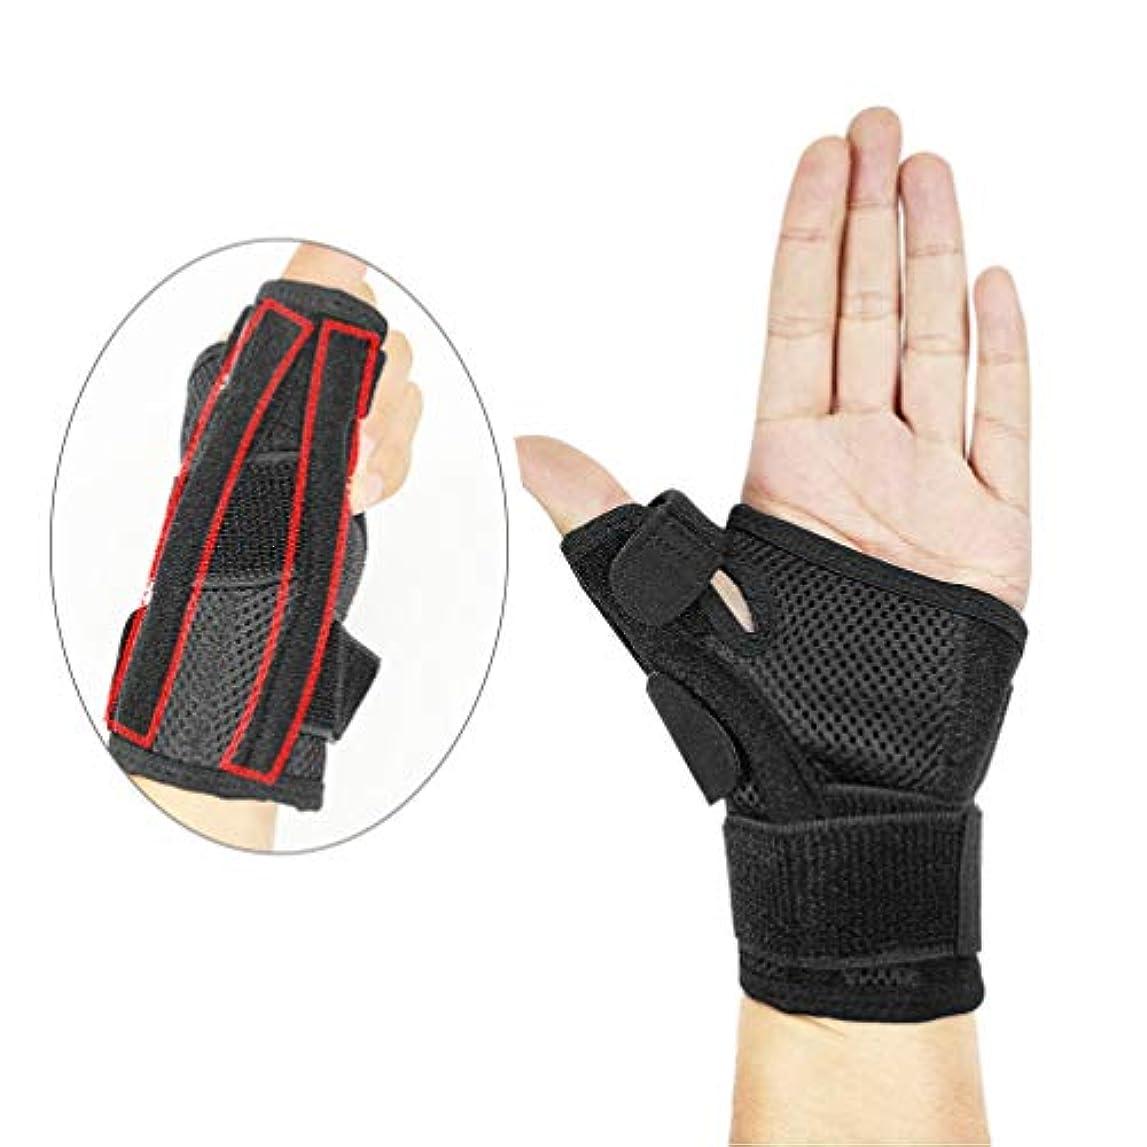 良性哲学教えHeallily 手首の圧縮手首のトンネルの苦痛救助、関節炎、腱炎のための1つの手首の圧縮の袖の調節可能な手首の支柱の保護装置